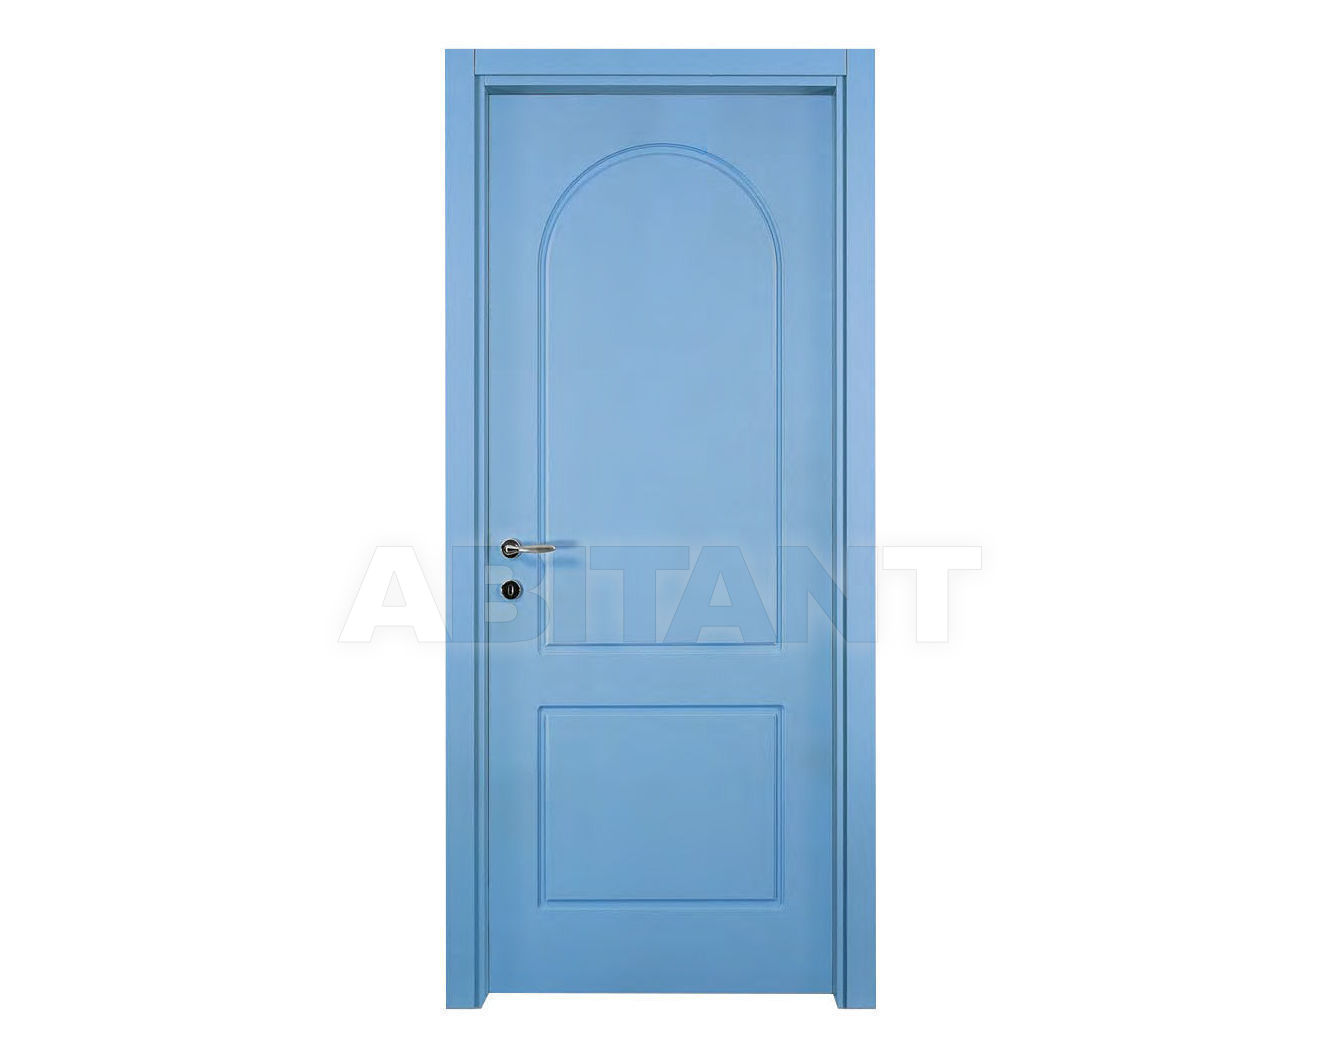 Купить Дверь деревянная Fioravazzi Pantografate PARIZIA 28  CIECA